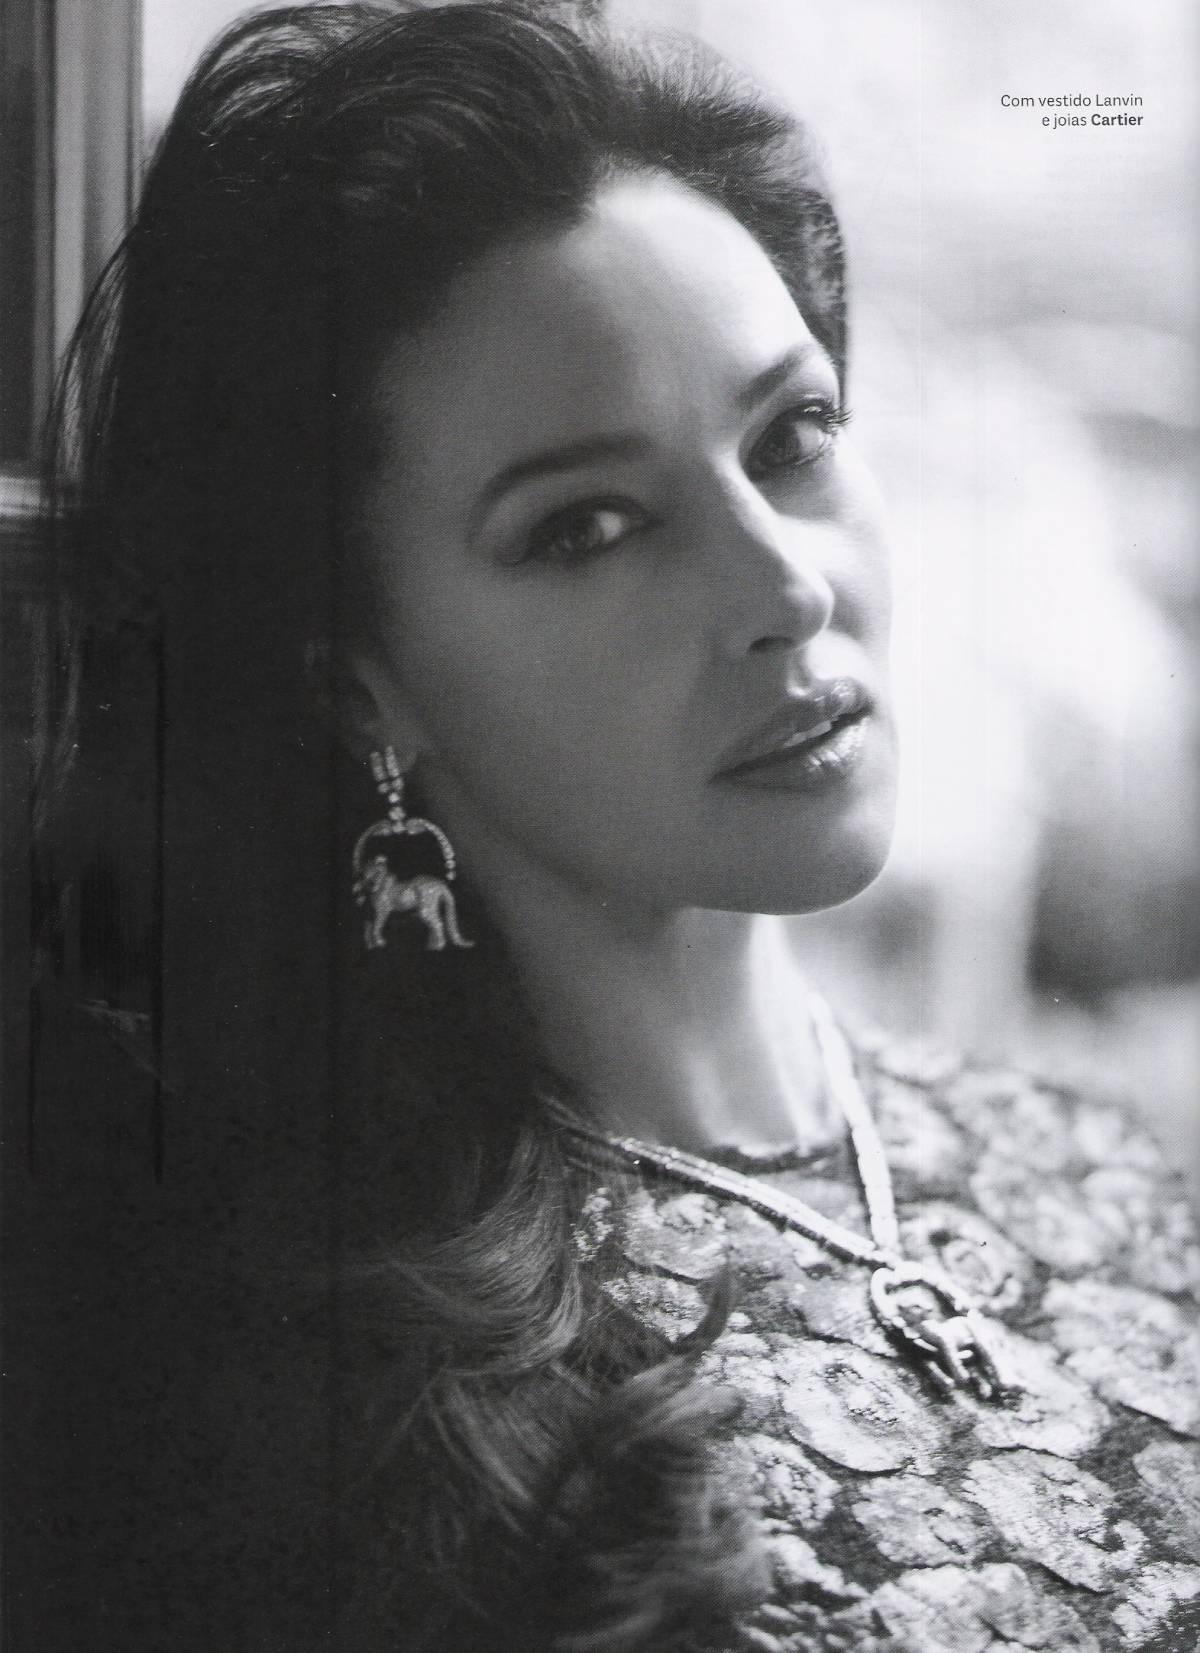 Vogue_Brasil_Janeiro2013_Monica_Bellucci_ph_JRDuran (2)